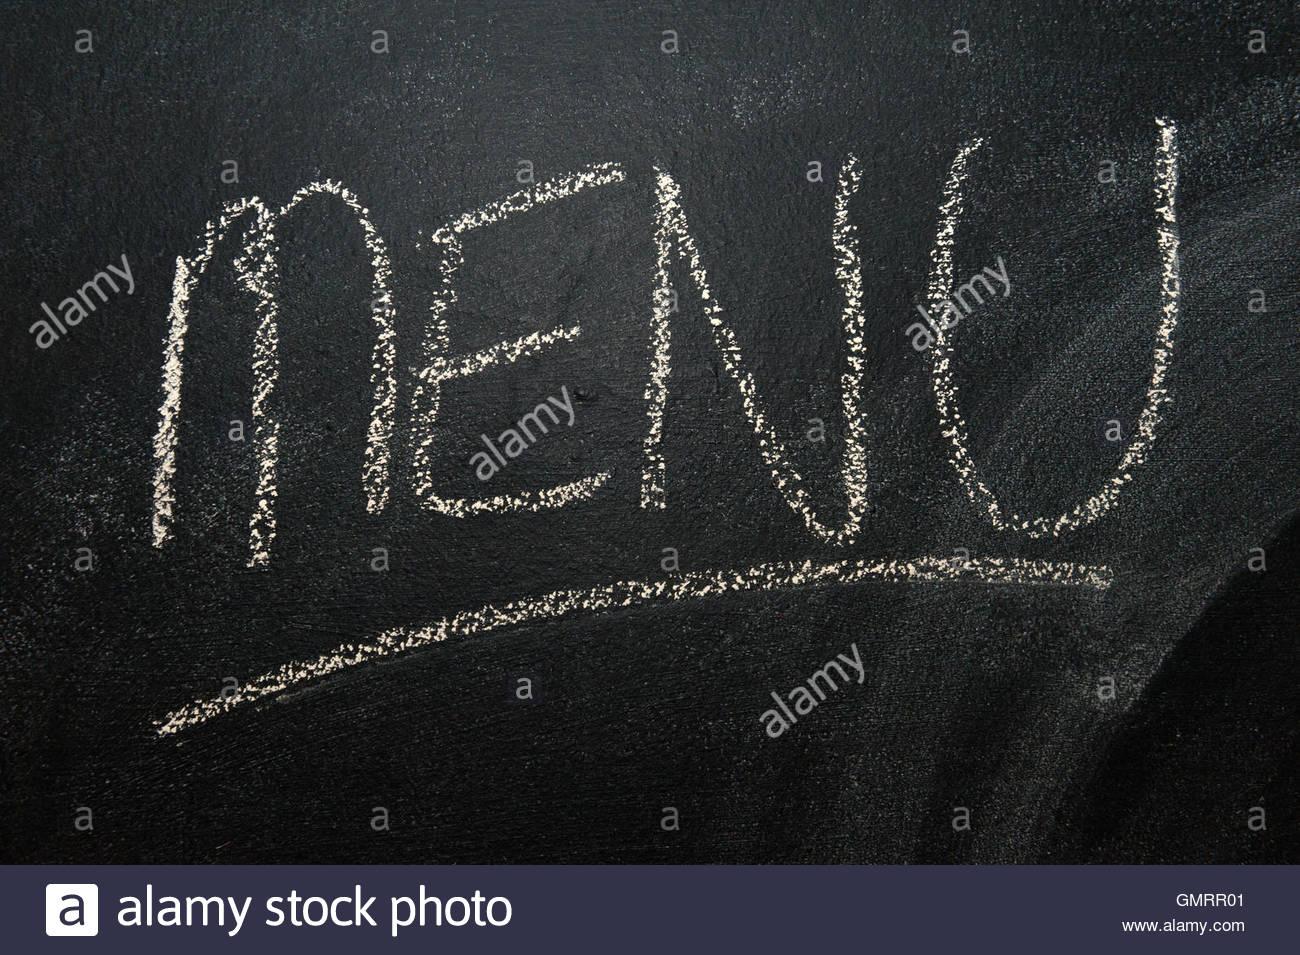 Menu written on a chalk board. - Stock Image